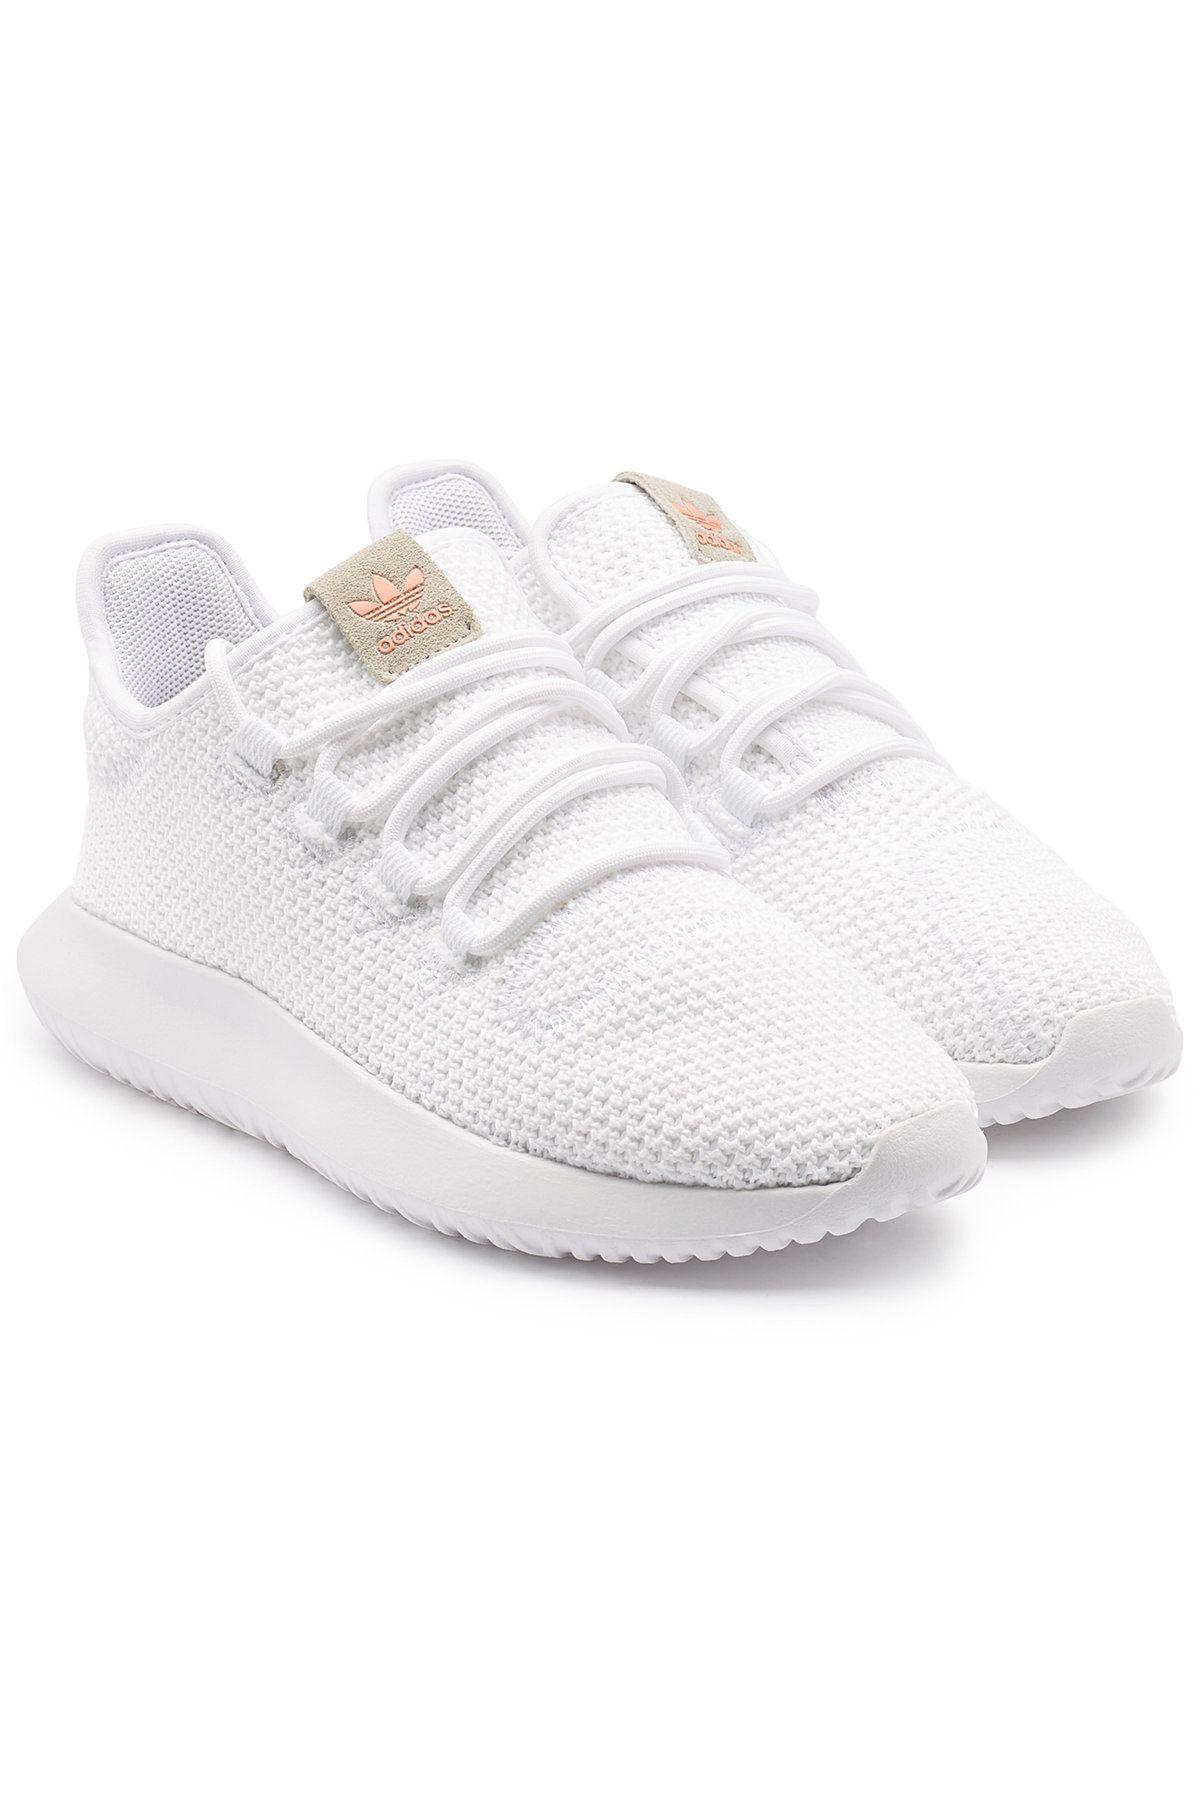 36e297a8adc Adidas Originals - Tubular Shadow Sneakers on STYLEBOP.com